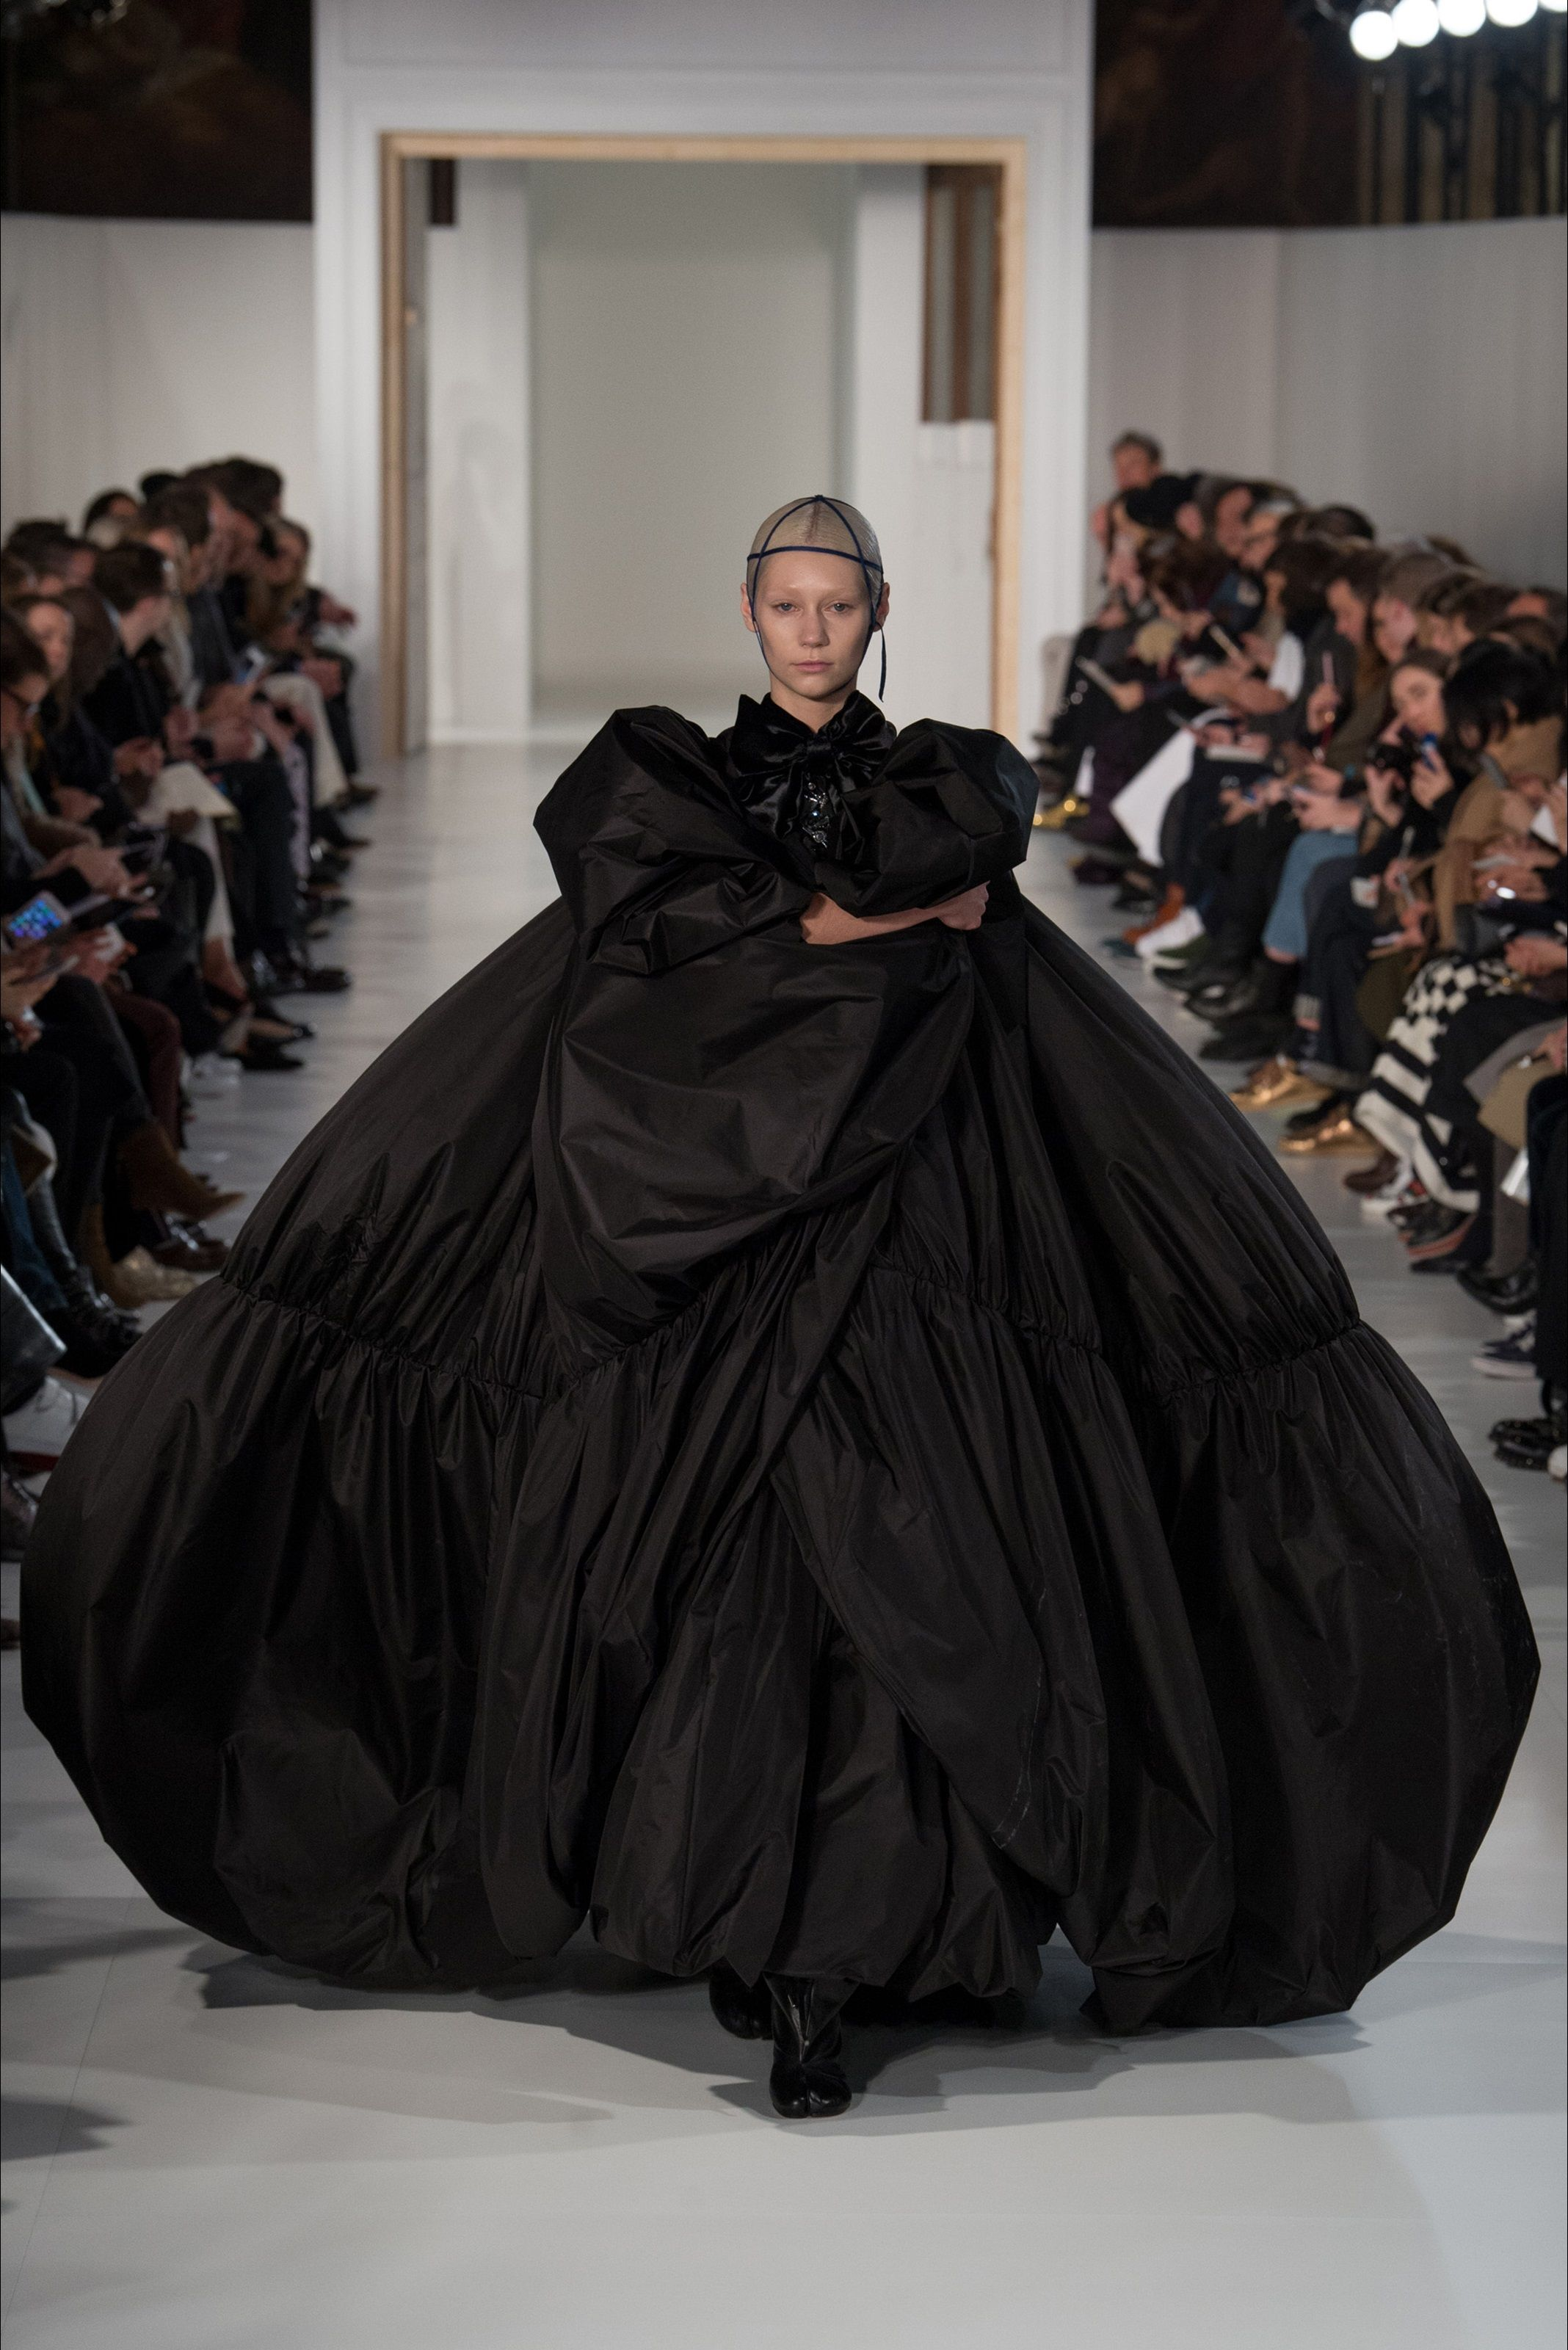 Guarda la sfilata di moda Maison Margiela a Parigi e scopri la collezione di abiti e accessori per la stagione Alta Moda Primavera Estate 2017.